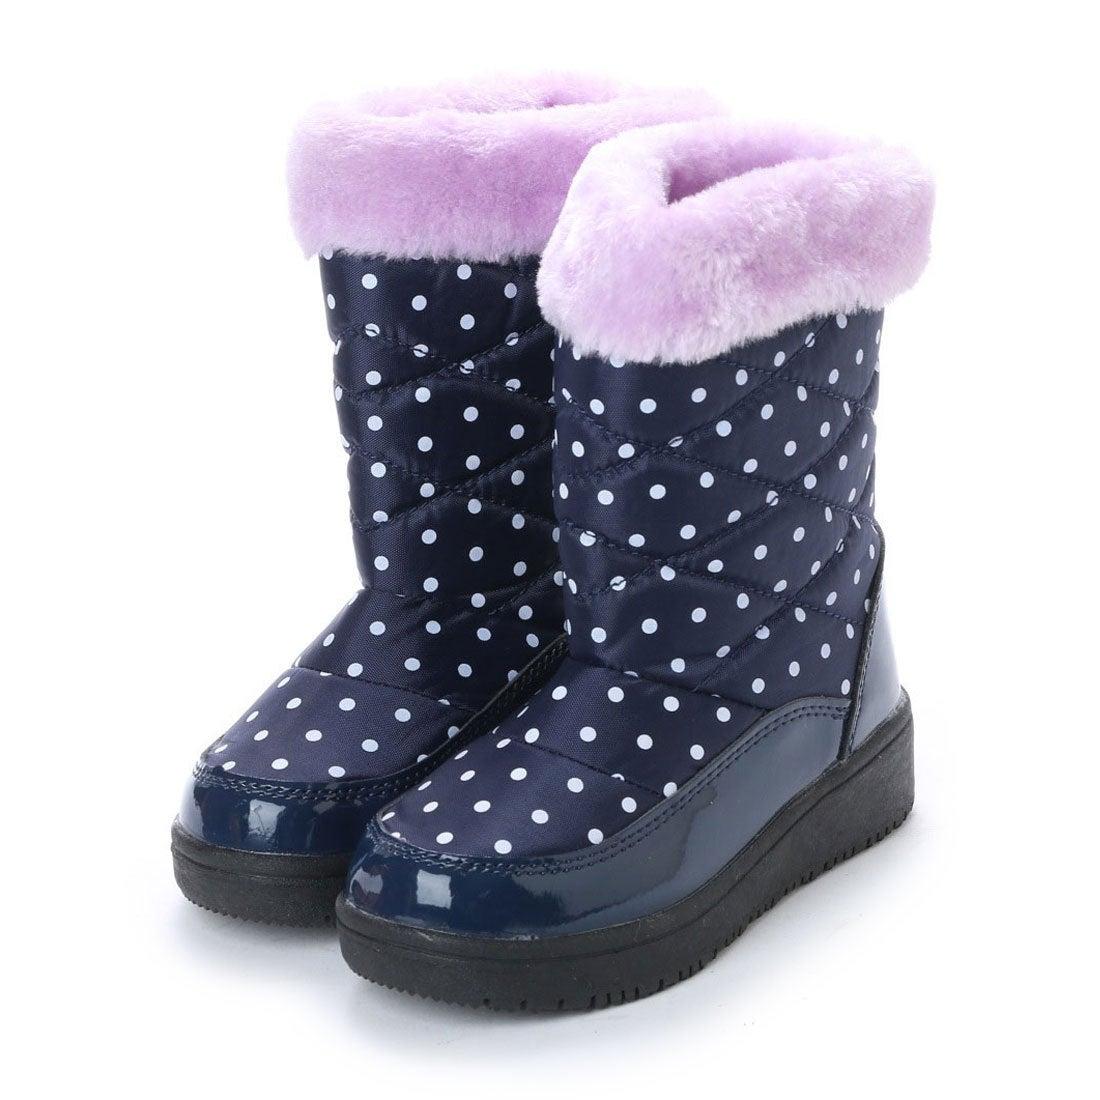 エニーウォーク Anywalk 防寒ブーツ ジュニア キッズ ガールズ 女の子用 ファー付きドット柄 aw_17991 (NAVY/PURPLE)